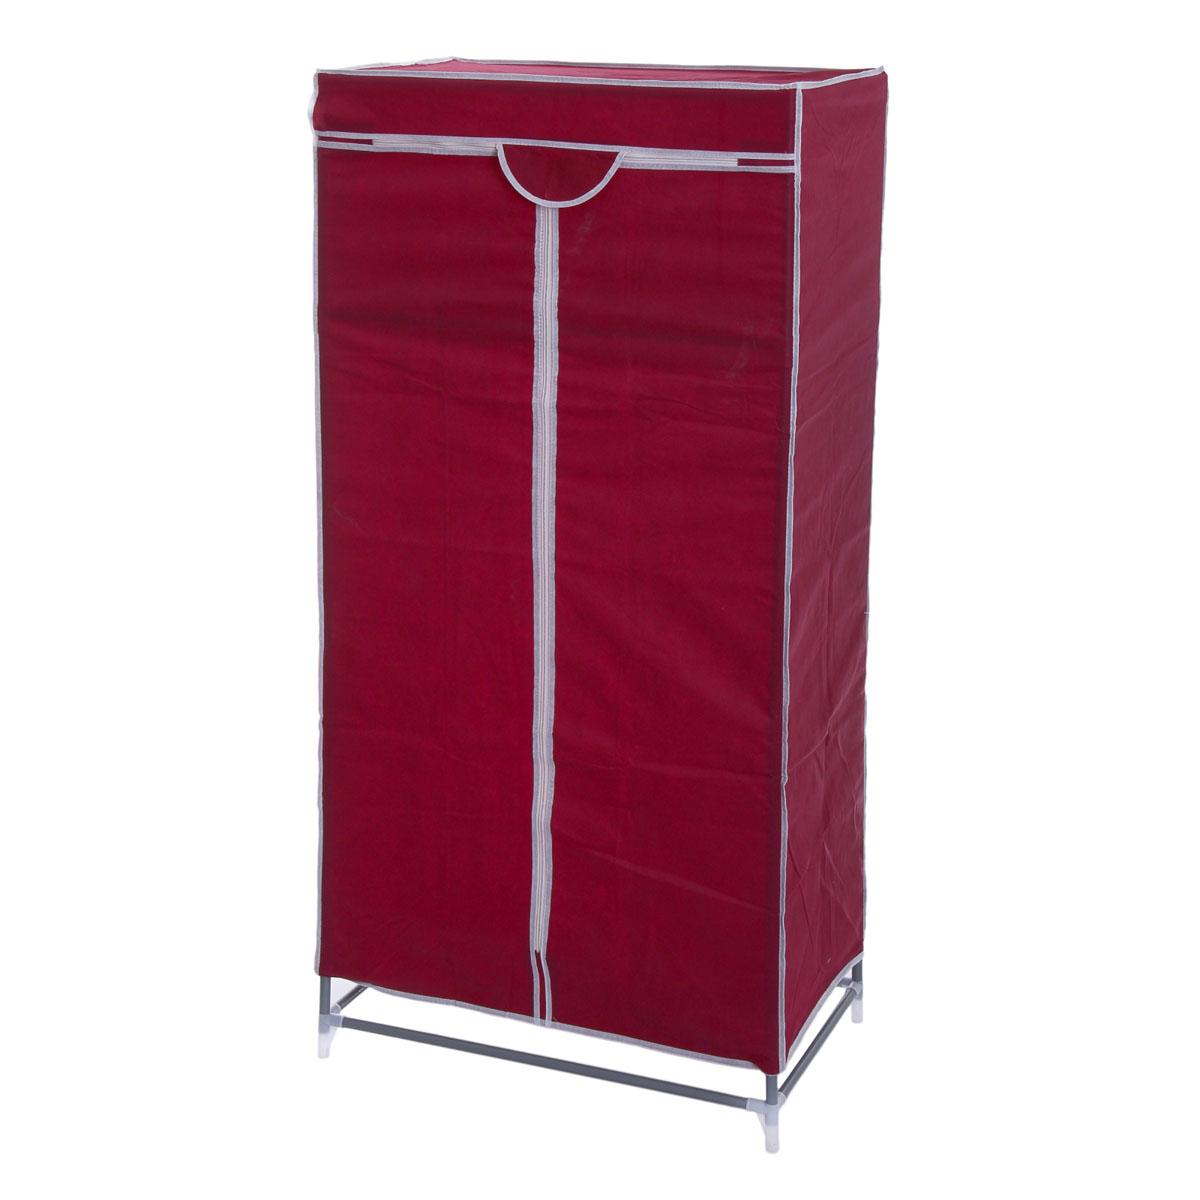 Мобильный шкаф для одежды Sima-land, цвет: бордовый, 90 х 45 х 155 см 888800178922Мобильный шкаф для одежды Sima-land, предназначенный для хранения одежды и других вещей, это отличное решение проблемы, когда наблюдается явный дефицит места или есть временная необходимость. Складной тканевый шкаф - это мобильная конструкция, состоящая из сборного металлического каркаса, на который натянут чехол из нетканого полотна. Корпус шкафа сделан из легкой, но прочной стали, а обивка из полиэстера, который можно легко стирать в стиральной машинке. Шкаф оснащен двумя текстильными дверями, которые закрываются на застежку-молнию. Шкаф снабжен полкой и планкой для хранения вещей на вешалках.